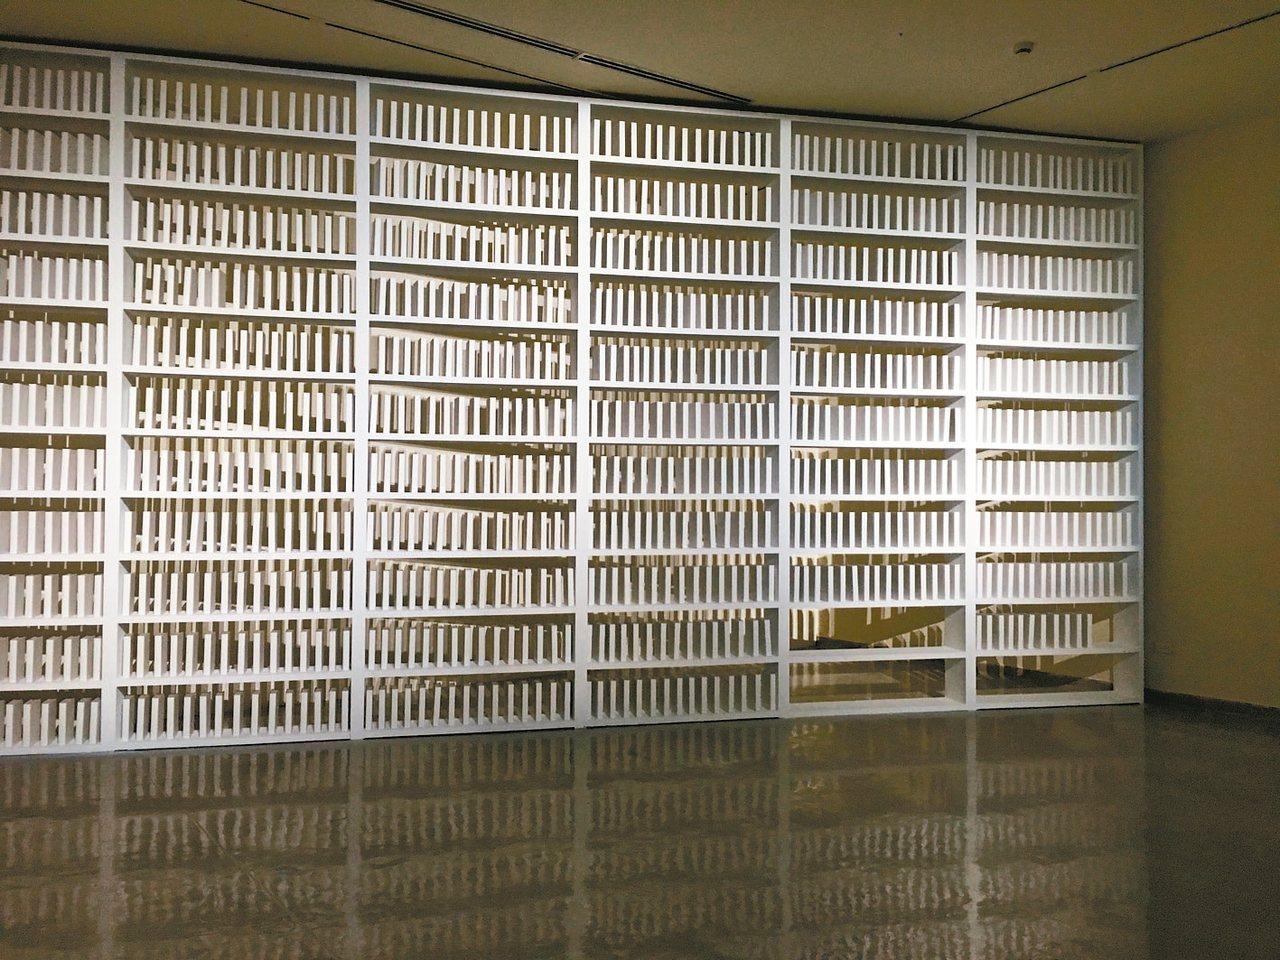 伊拉克藝術家華發‧比拉爾作品《168:01》,靈感來自巴格達大學藝術學院圖書館在...